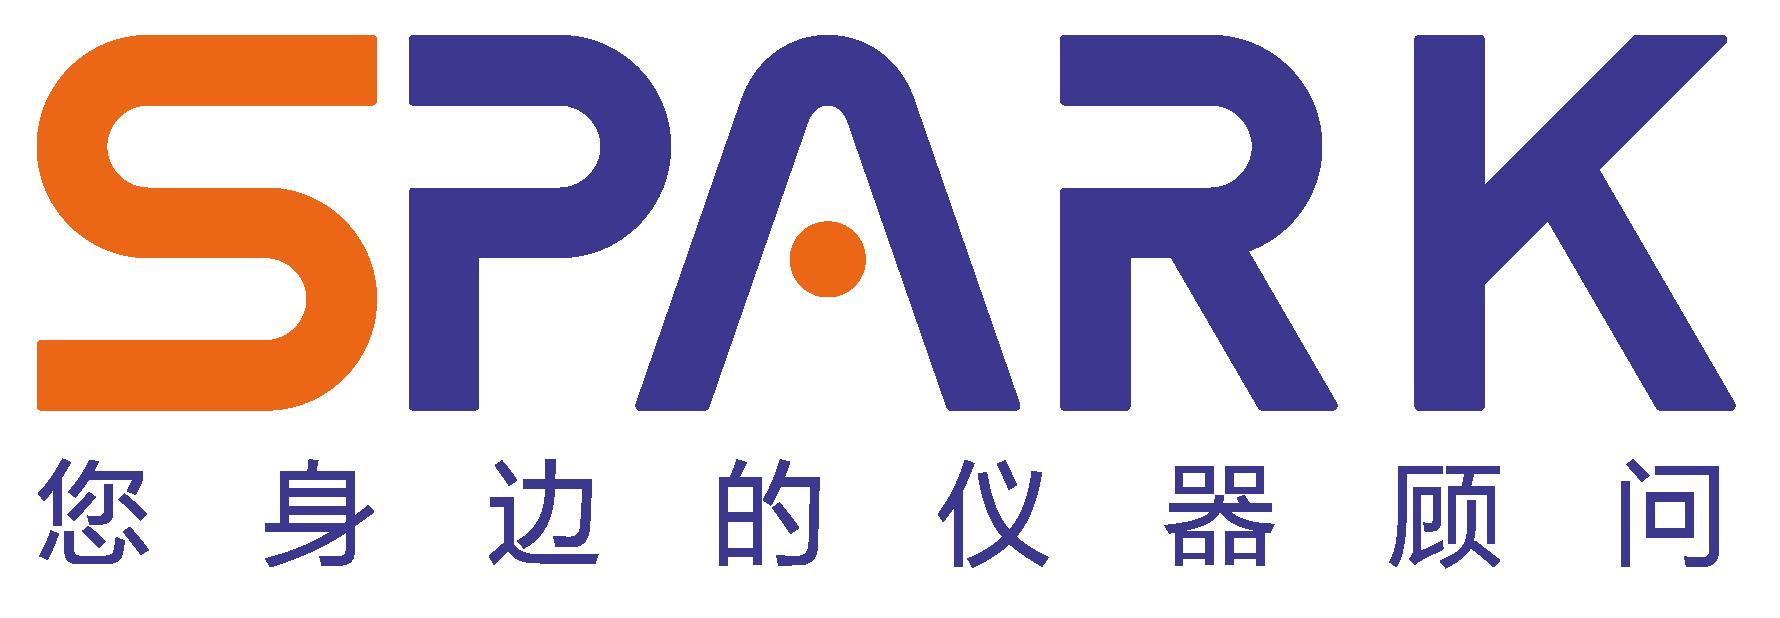 热烈祝贺东方闪光(北京)光电科技有限公司网站成功上线!